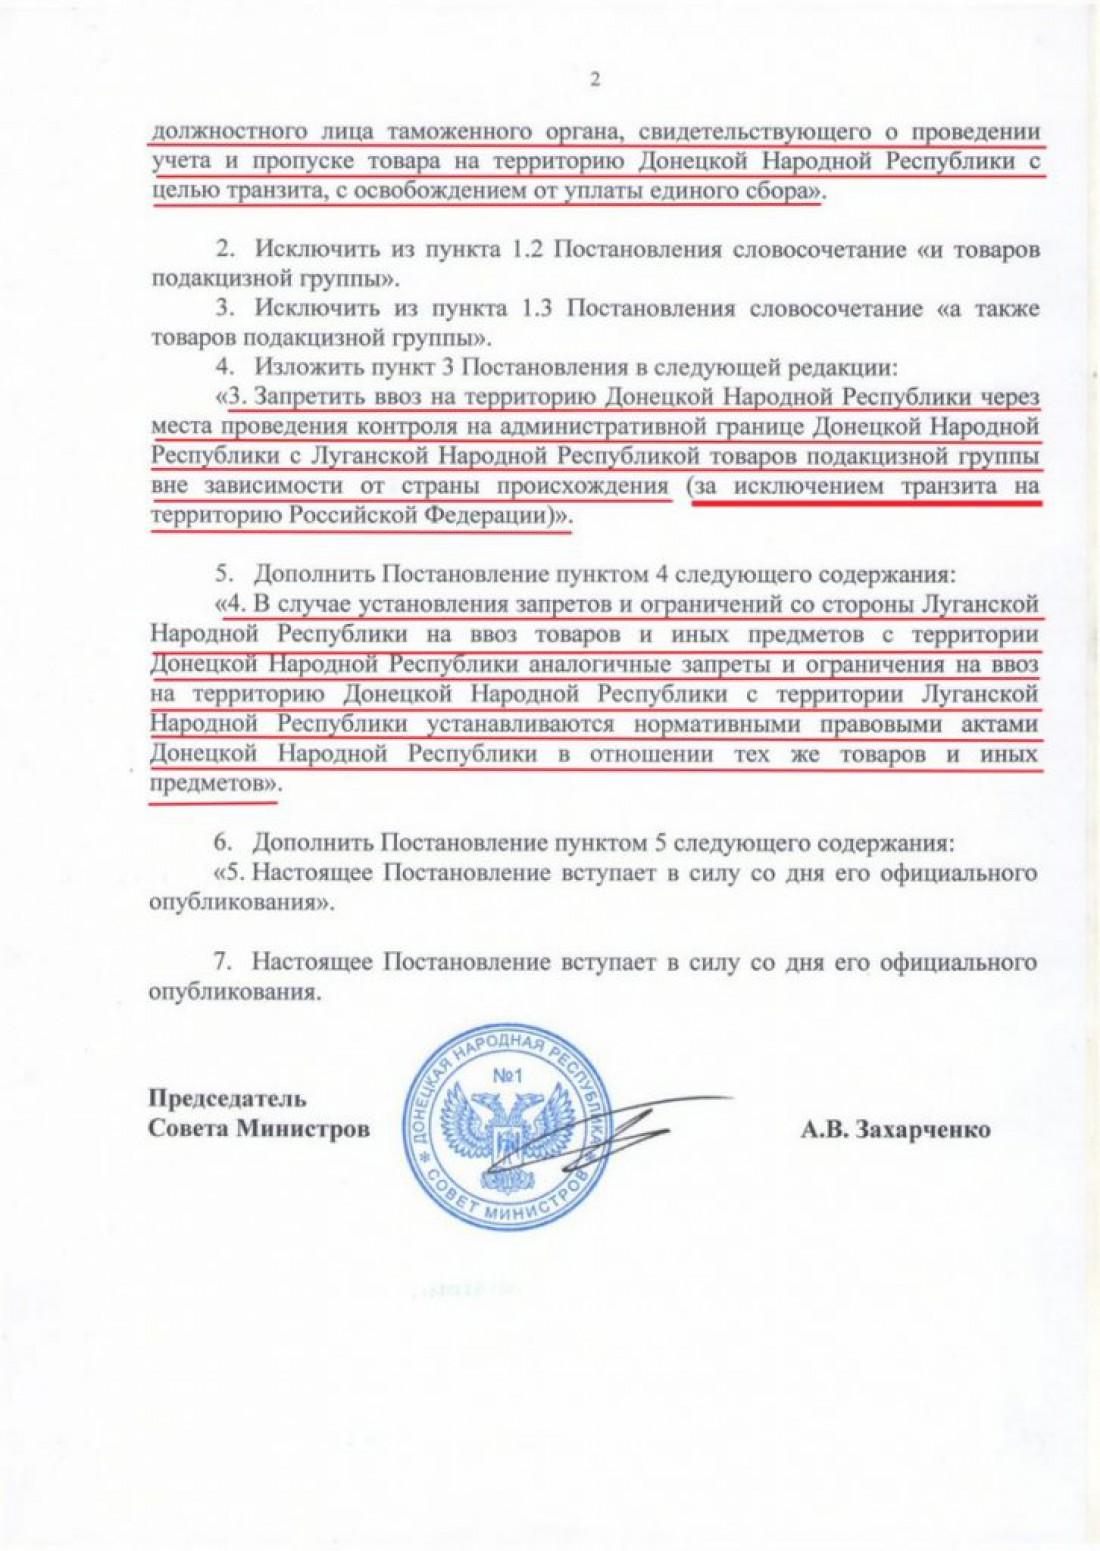 В ДНР не хотят видеть товары из Луганской области